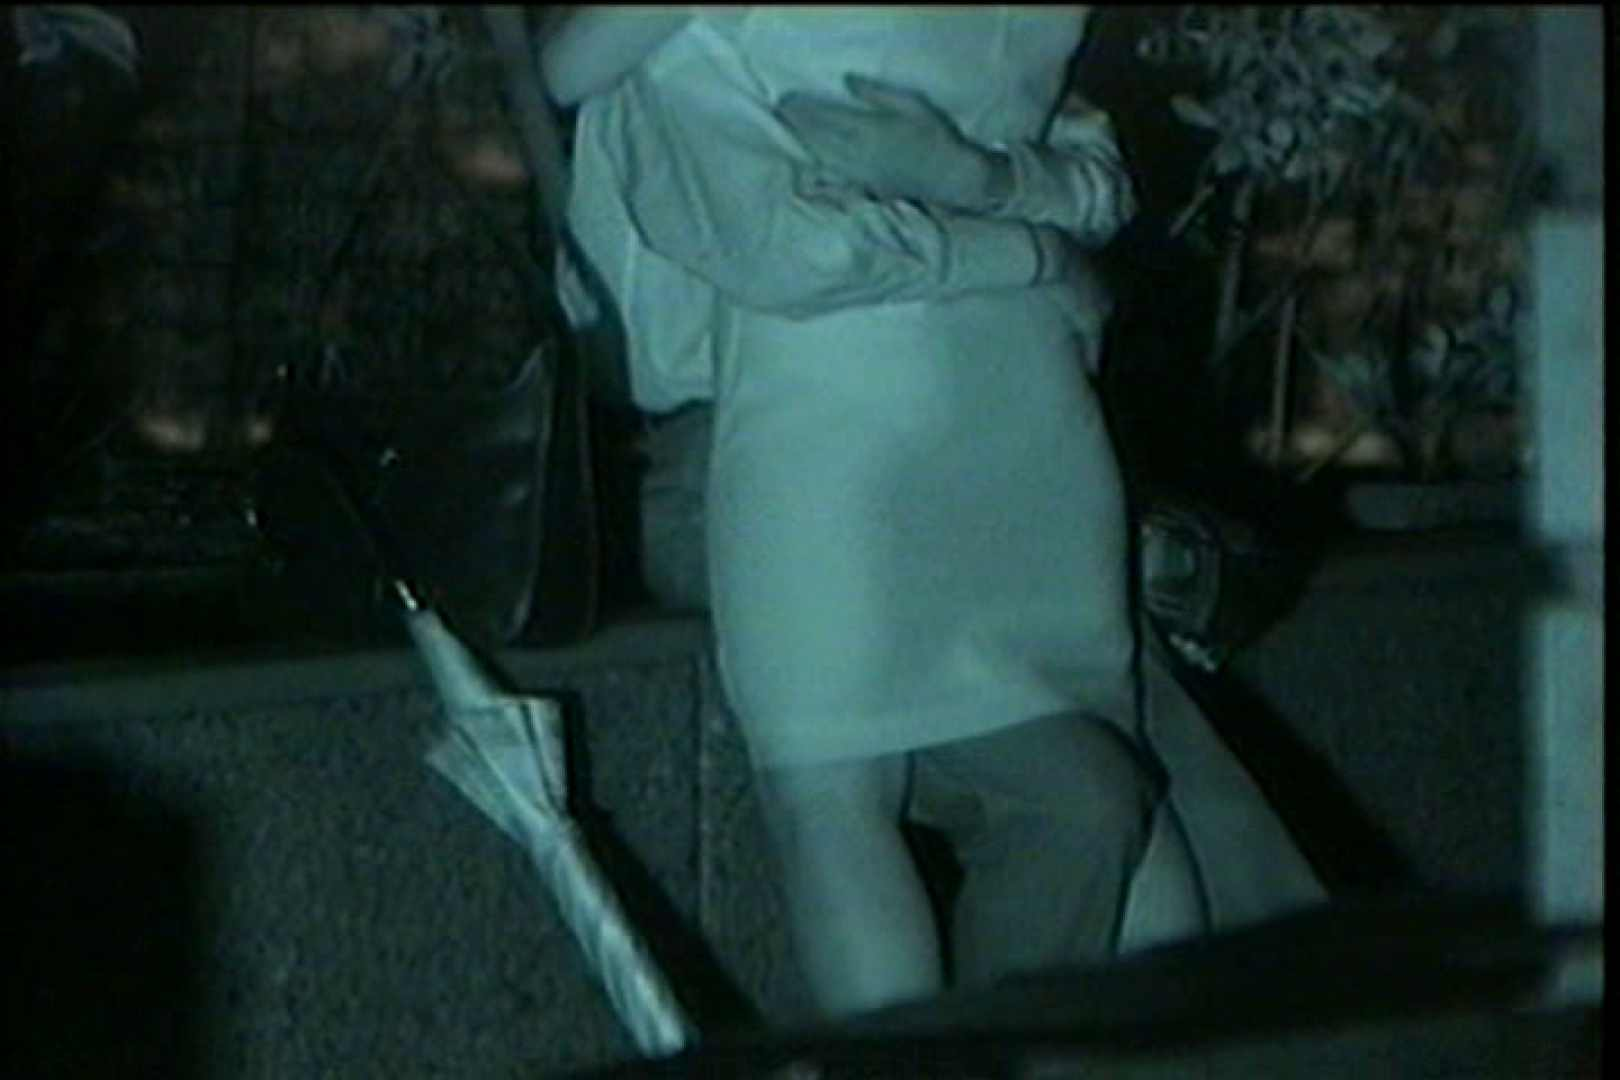 闇の仕掛け人 無修正版 Vol.19 制服エロ画像 セックス画像 102PICs 14